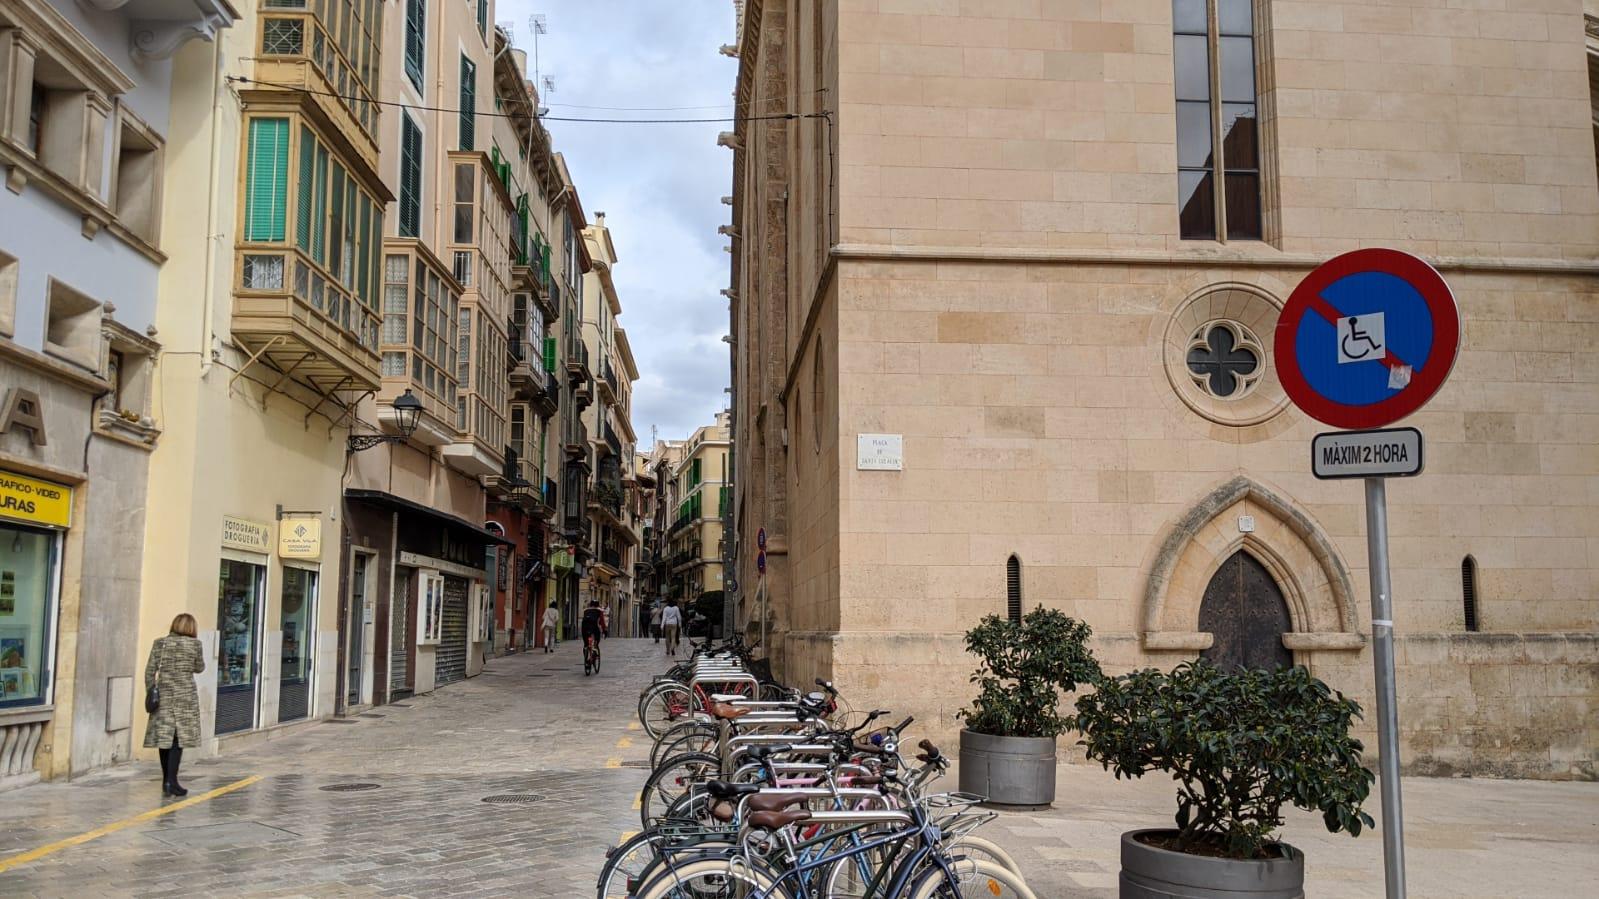 Una via del centro storico di Palma di Maiorca.